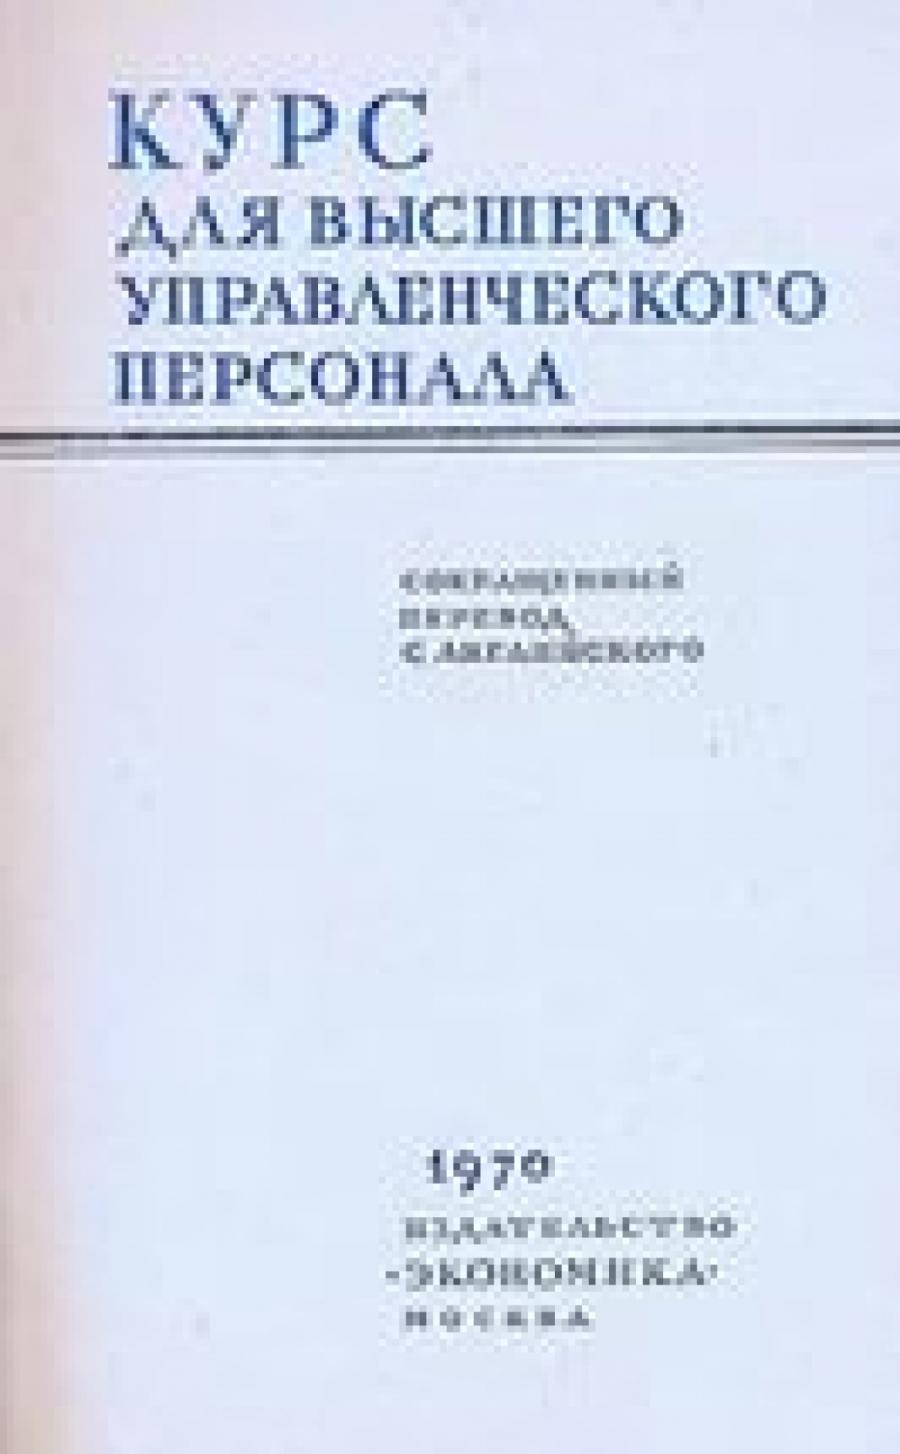 В.И. Терещенко - Курс для высшего управленческого персонала